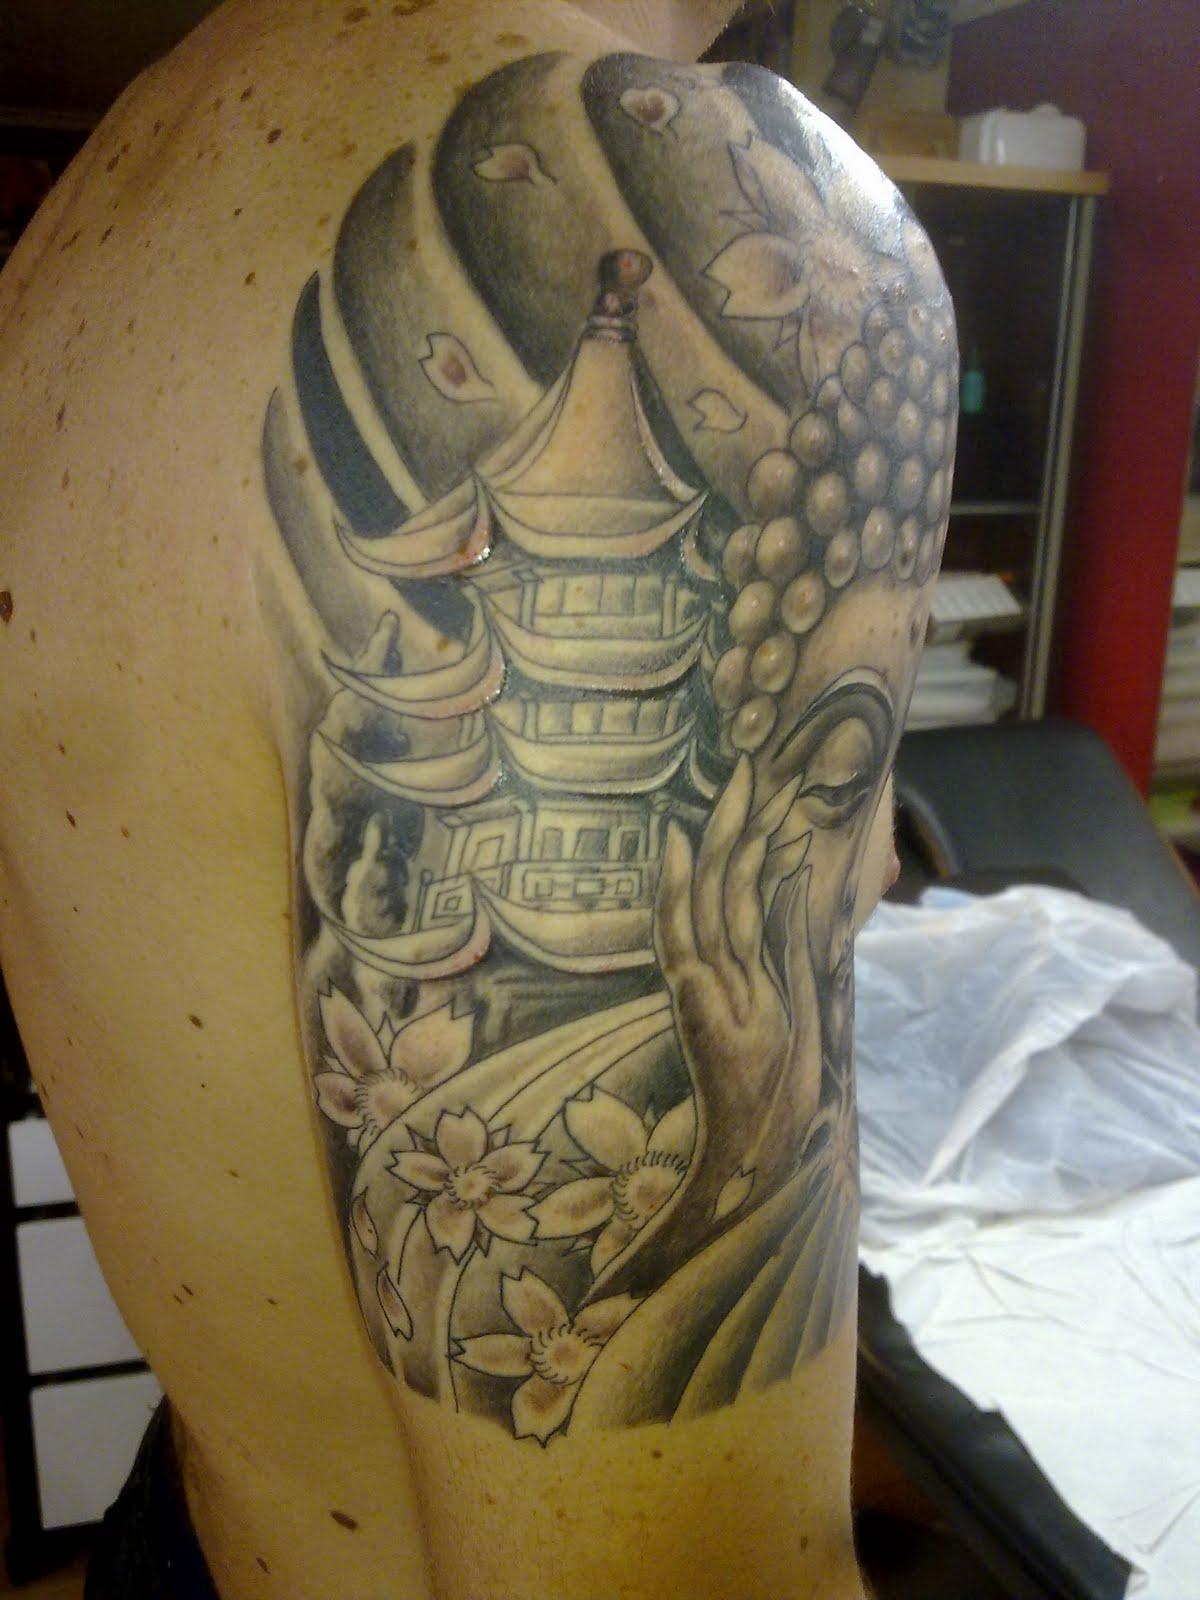 La de los tatuajes mostrando la panocha - 2 1